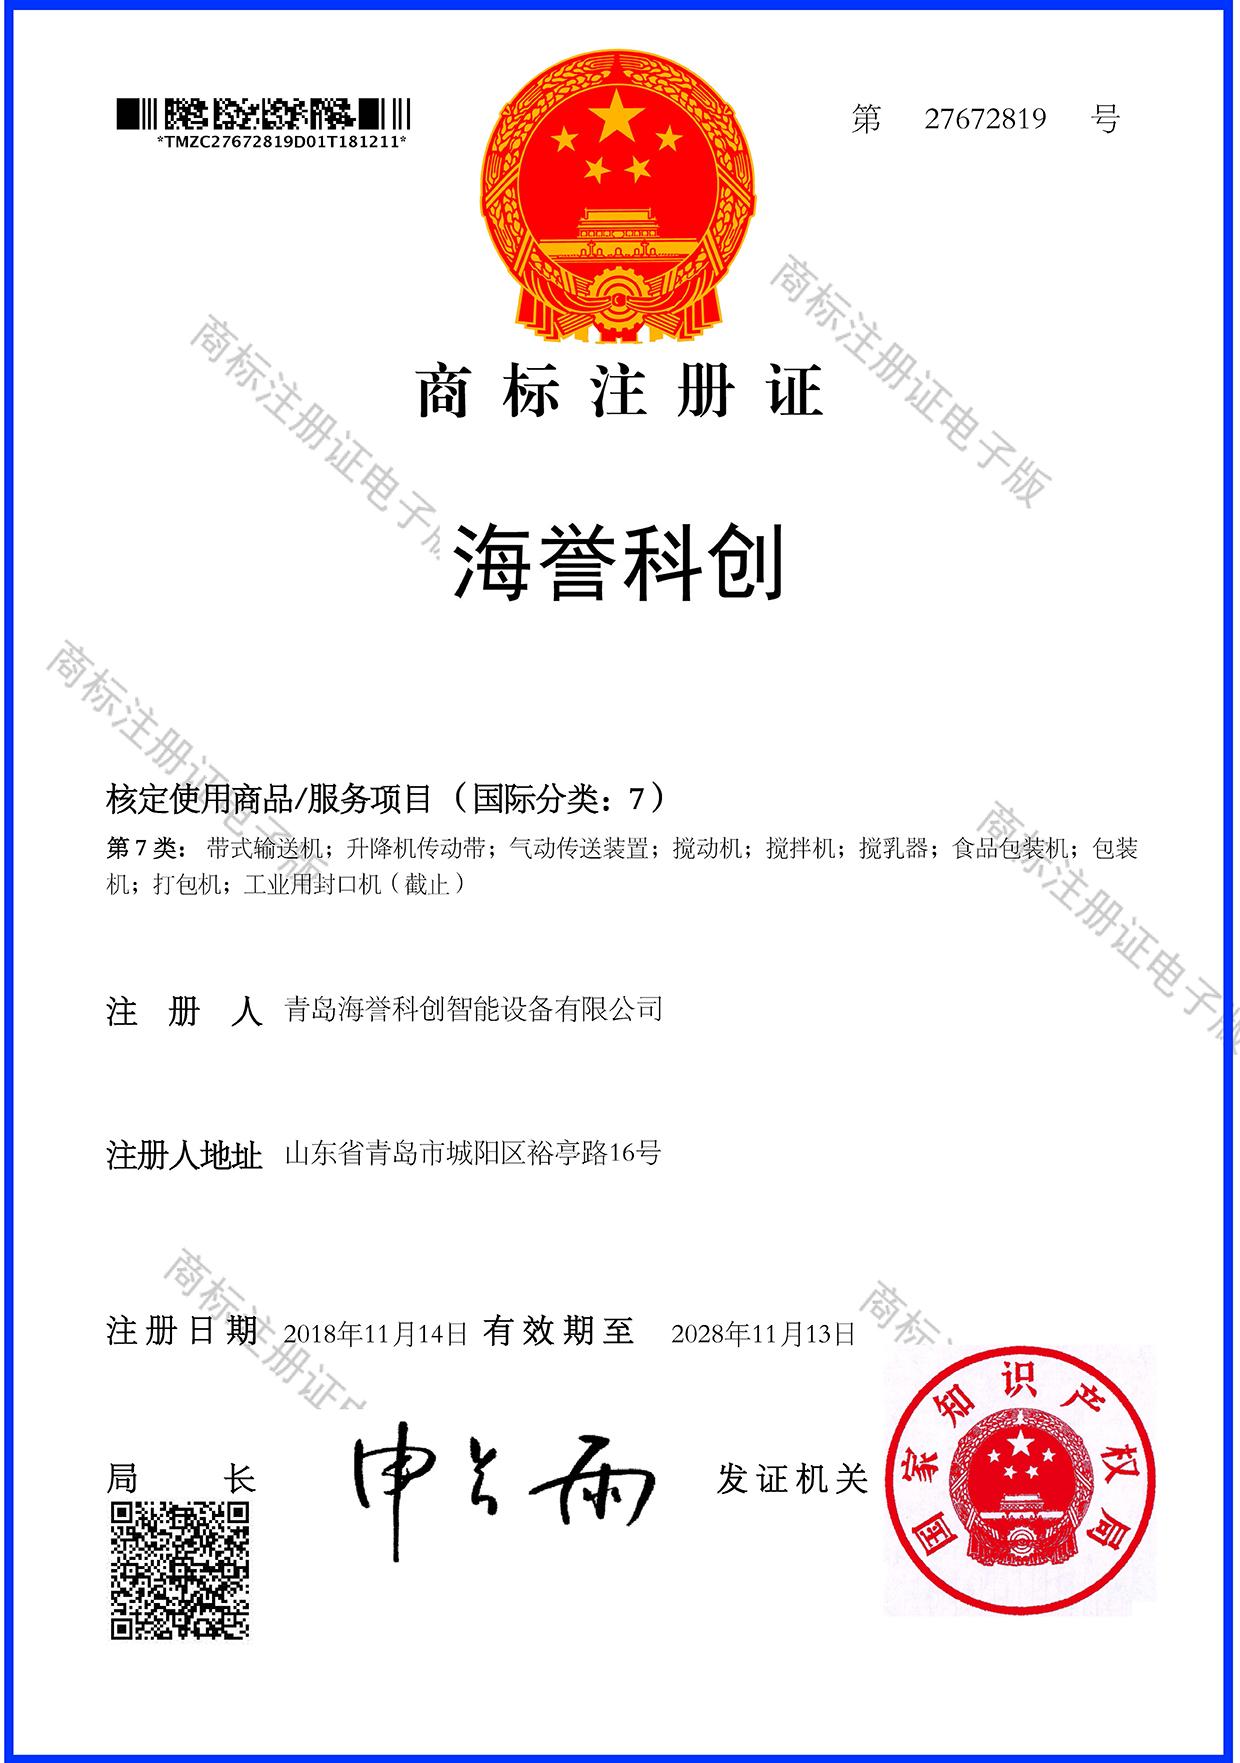 海誉科创商标注册证书